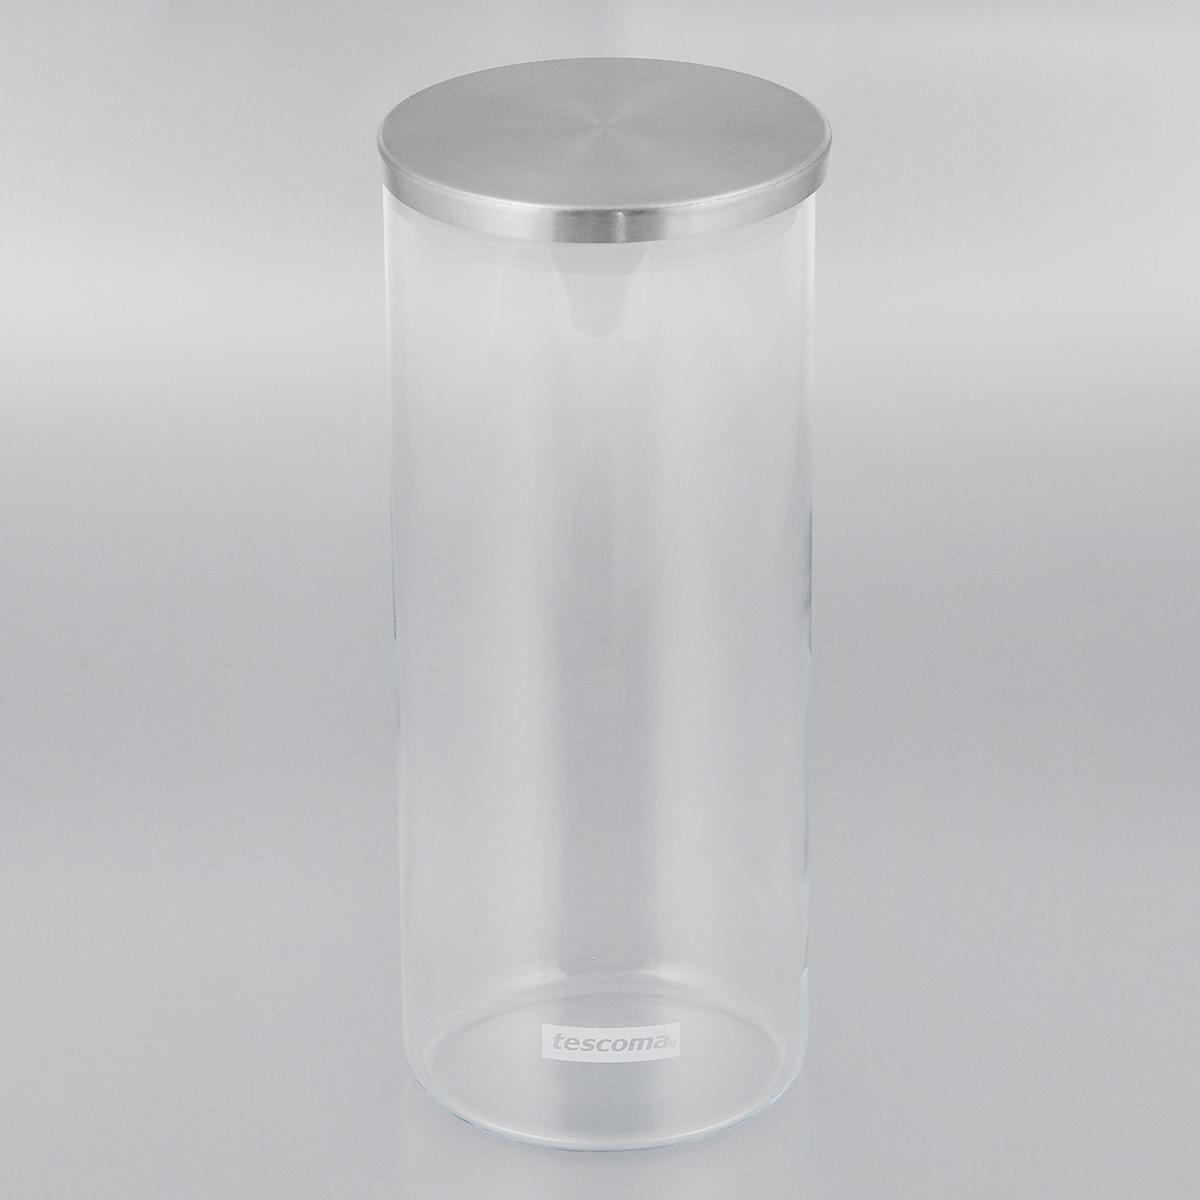 Емкость для специй Tescoma Monti, цвет: прозрачный, металлик, 1,4 л894824Емкость для специй Tescoma Monti, изготовленная из прочного боросиликатного стекла, позволит вам хранить разнообразные специи. Емкость оснащена плотно прилегающей крышкой, изготовленной из первоклассной нержавеющей стали и прочной пластмассы и снабженная силиконовой прокладкой. Емкость для хранения специй станет незаменимым помощником на кухне. Можно мыть в посудомоечной машине, крышку - нельзя. Диаметр по верхнему краю: 9,5 см. Диаметр дна: 9 см. Высота без учета крышки: 23 см. Высота с учетом крышки: 23,5 см. Объем: 1,4 л.